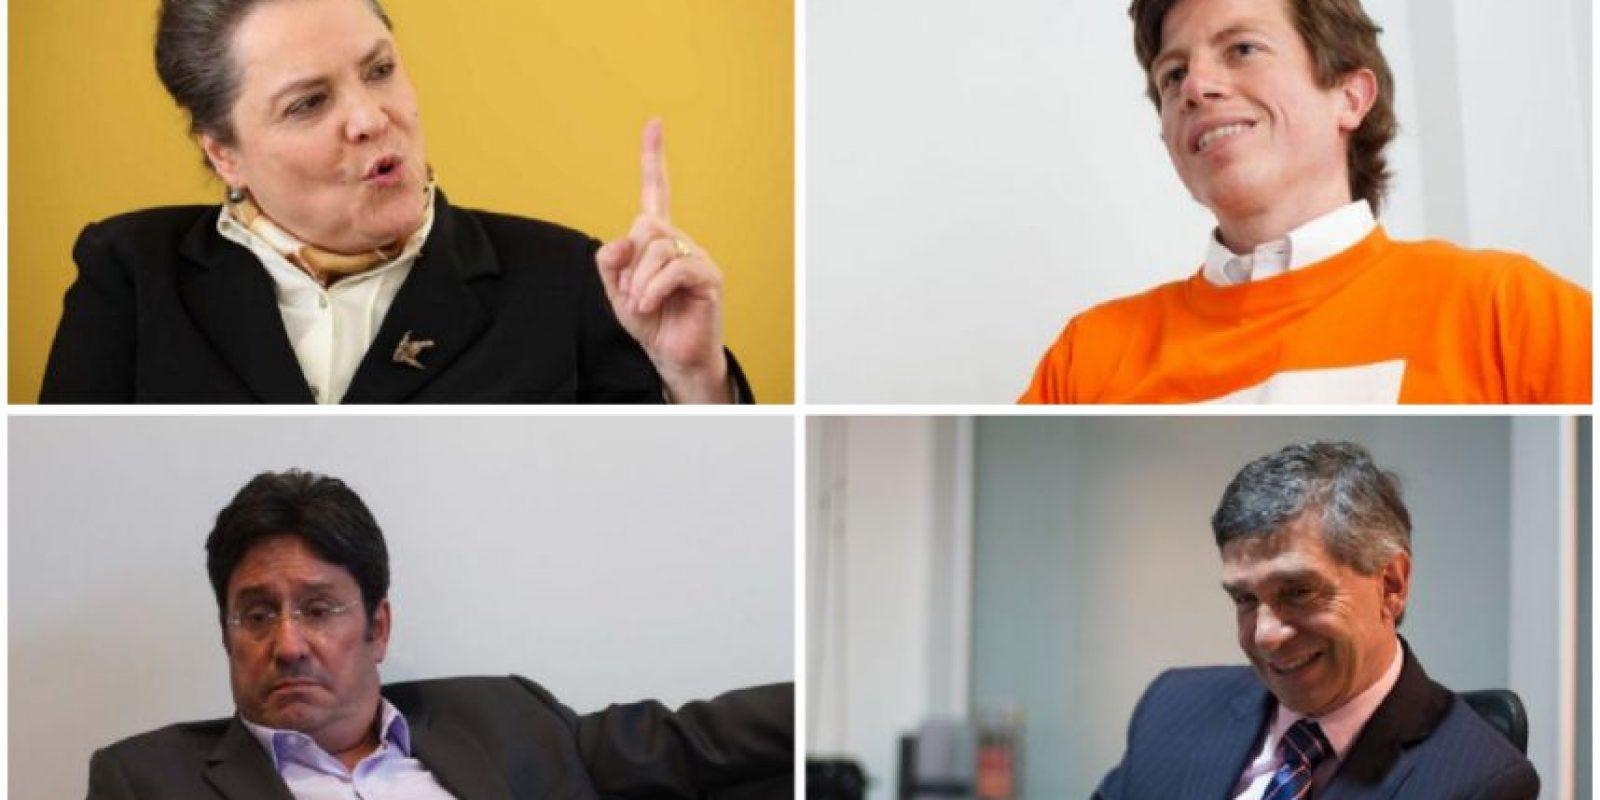 Candidatos que perdieron las elecciones recibiran una 'millonada'